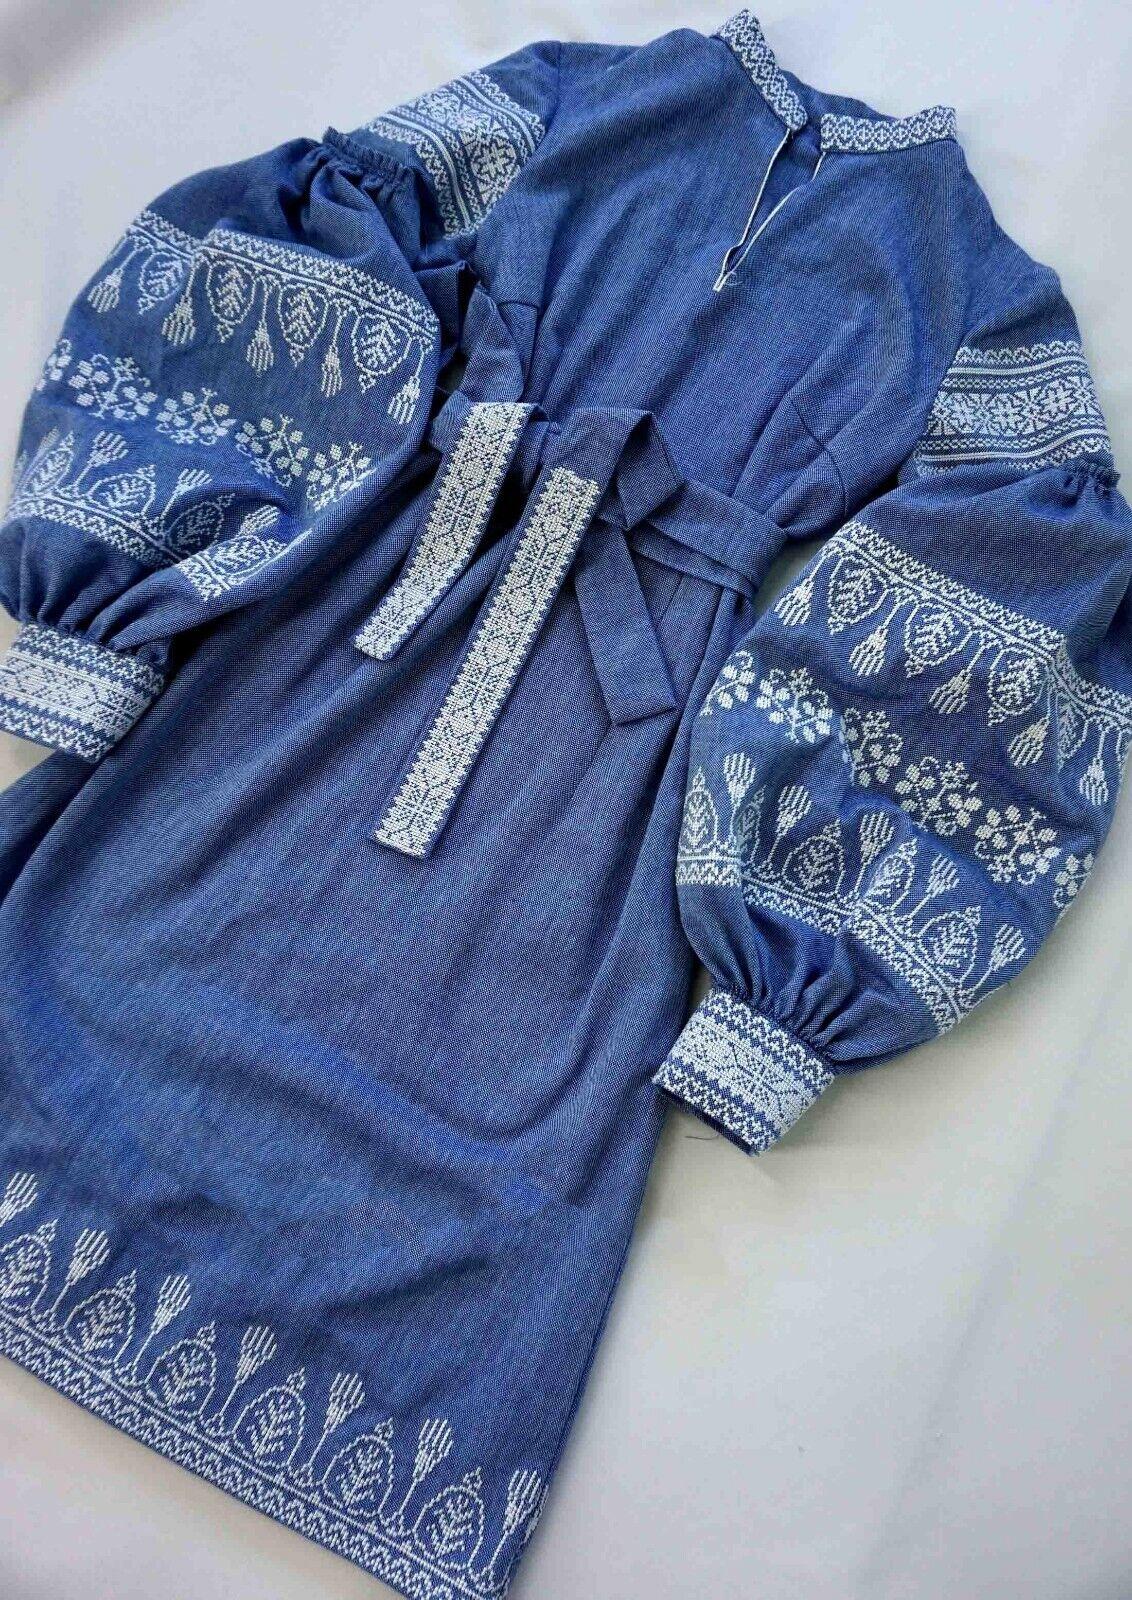 Vestido bordado hecho a mano en el estilo de  Boho, ucraniano Vyshyvanka + Regalo  nueva marca